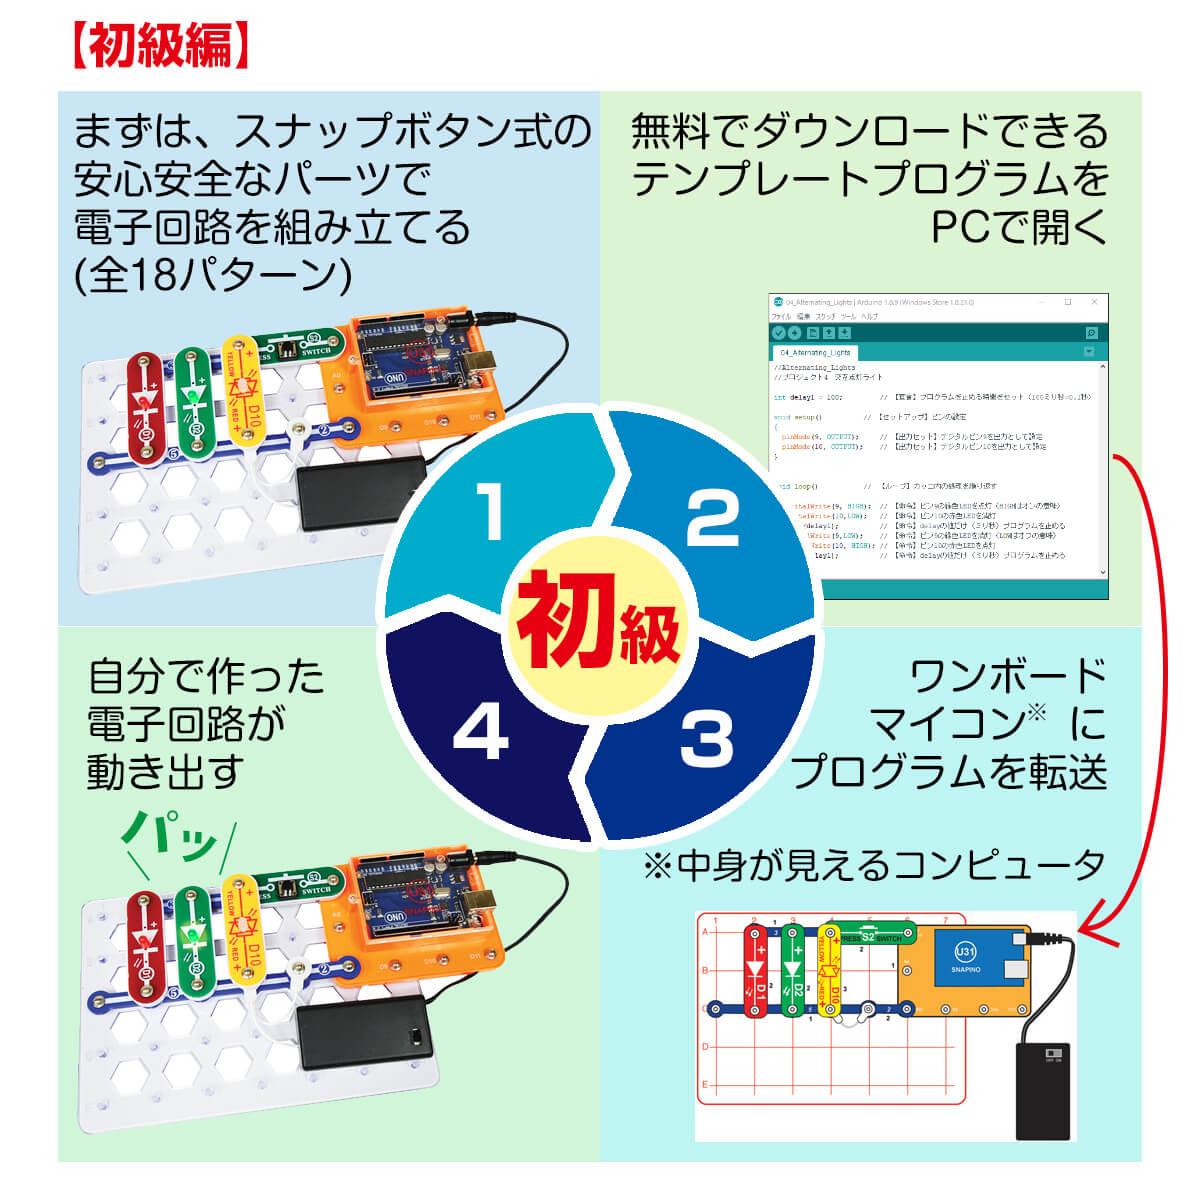 正規品 電脳プログラミング ビギナー プログラム教育必修化 自分で作った電子回路をプログラム Arduinoで動かすAI時代の知育玩具 STEM 子供 おもちゃ